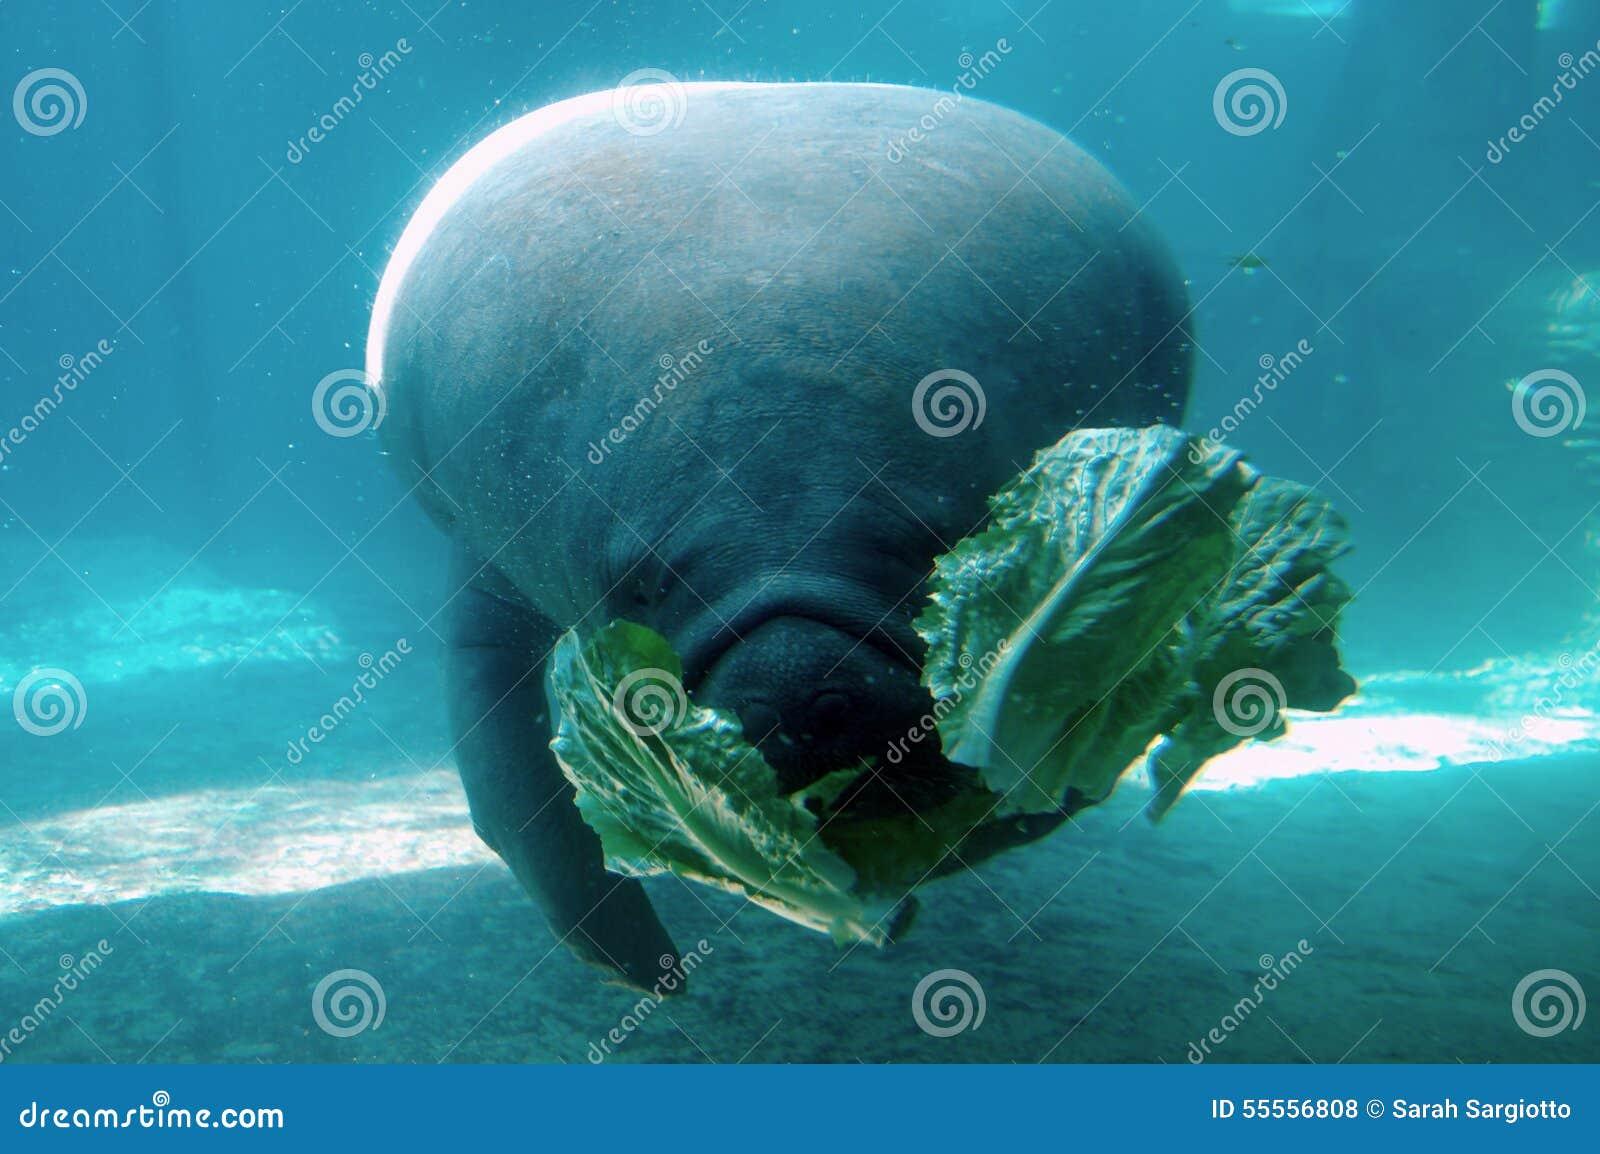 manatee eating lettuce stock photo image of eating marinelife